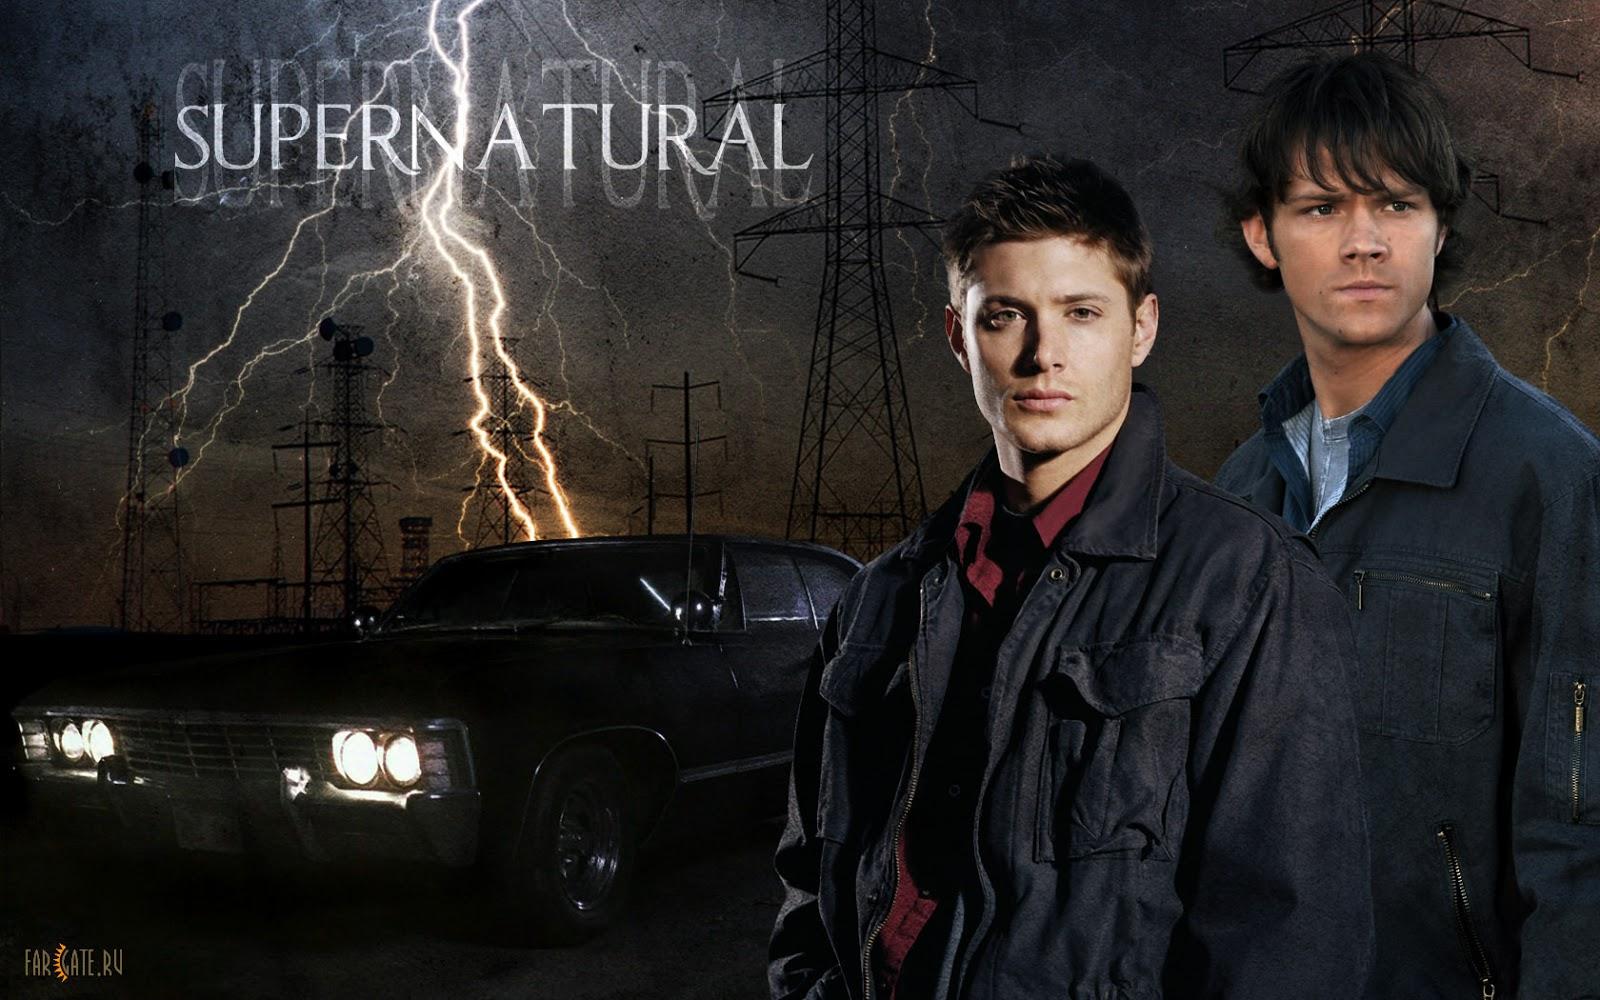 http://1.bp.blogspot.com/-p-nLJ-OOhvY/TbHArZ8xUnI/AAAAAAAAASY/0O5hAuKwuuM/s1600/Supernatural-supernatural-6276113-1680-1050.jpg